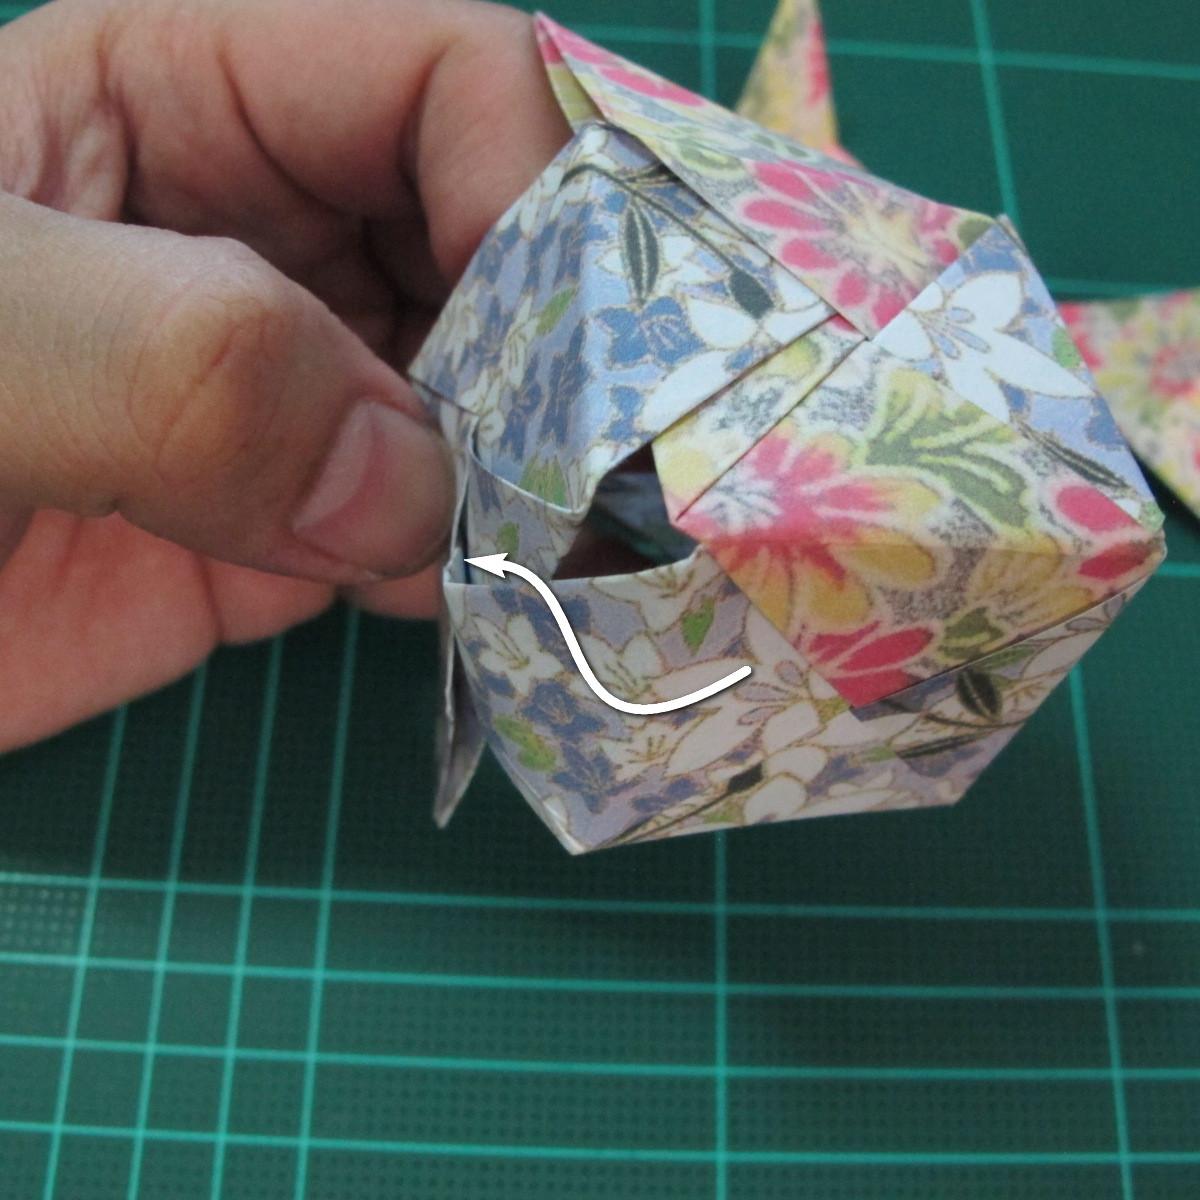 การพับกระดาษเป็นรูปเรขาคณิตทรงลูกบาศก์แบบแยกชิ้นประกอบ (Modular Origami Cube) 026